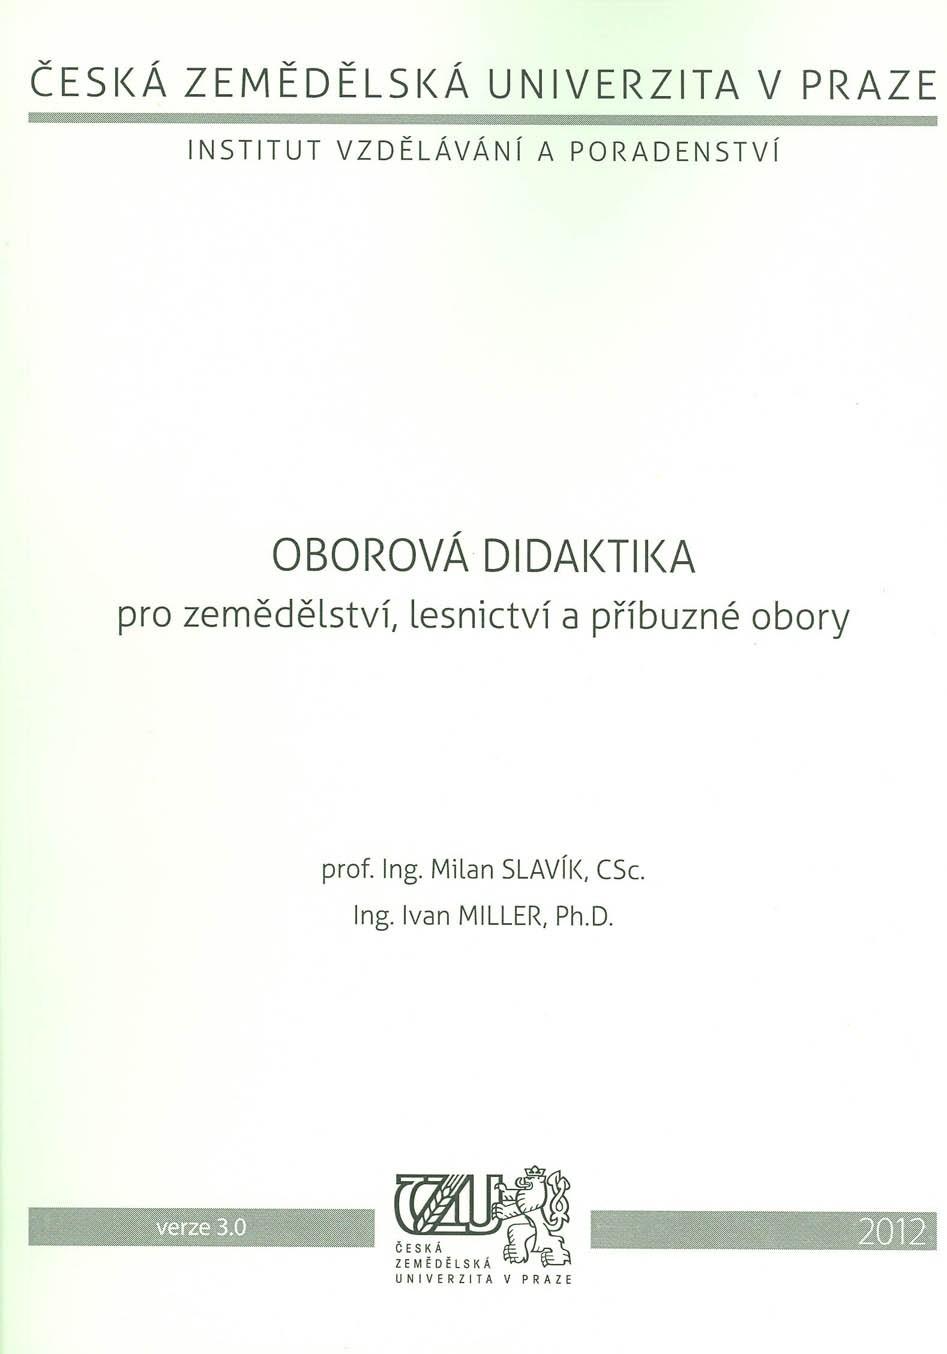 Oborová didaktika pro zemědělství, lesnictví a příbuzné obory